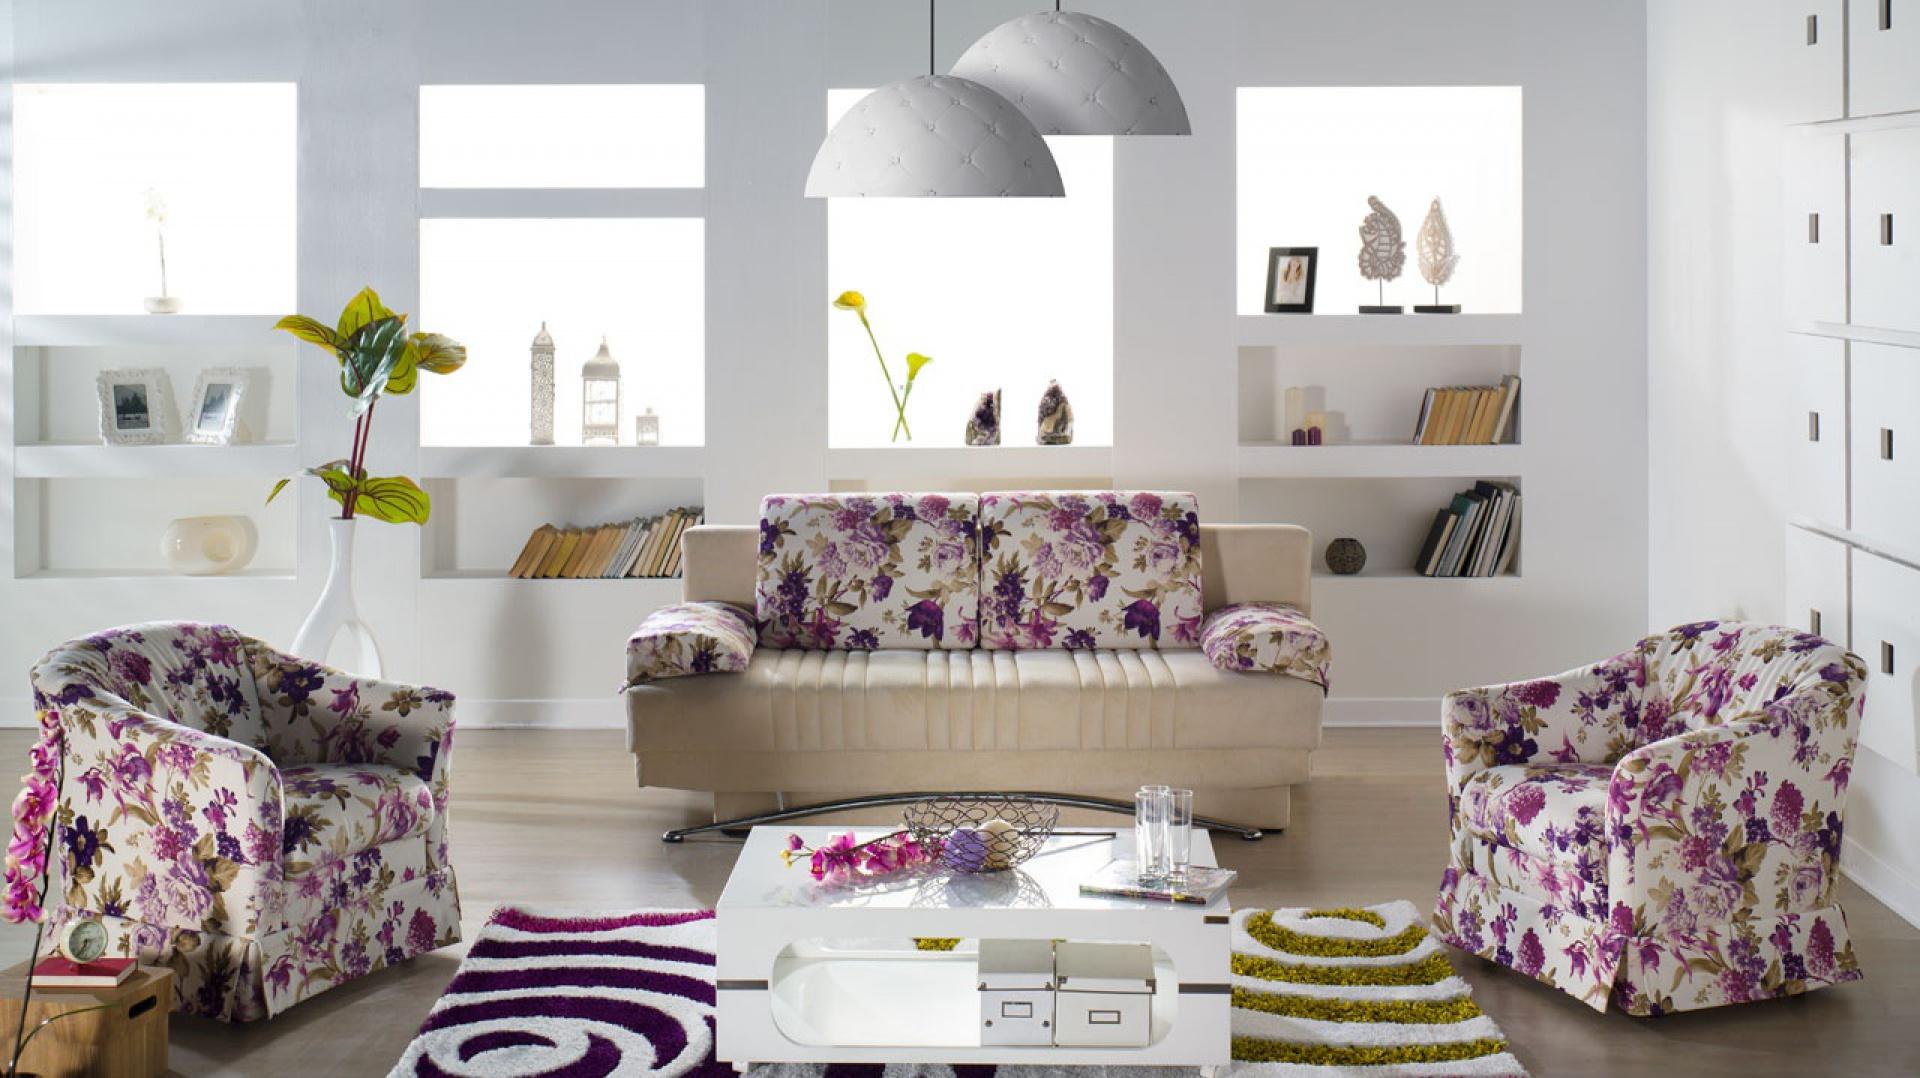 Bukiety fioletowych kwiatów na fotelach oraz kanapie nadają jasnemu wnętrzu romantyczny charakter. Fot. Istikbal.